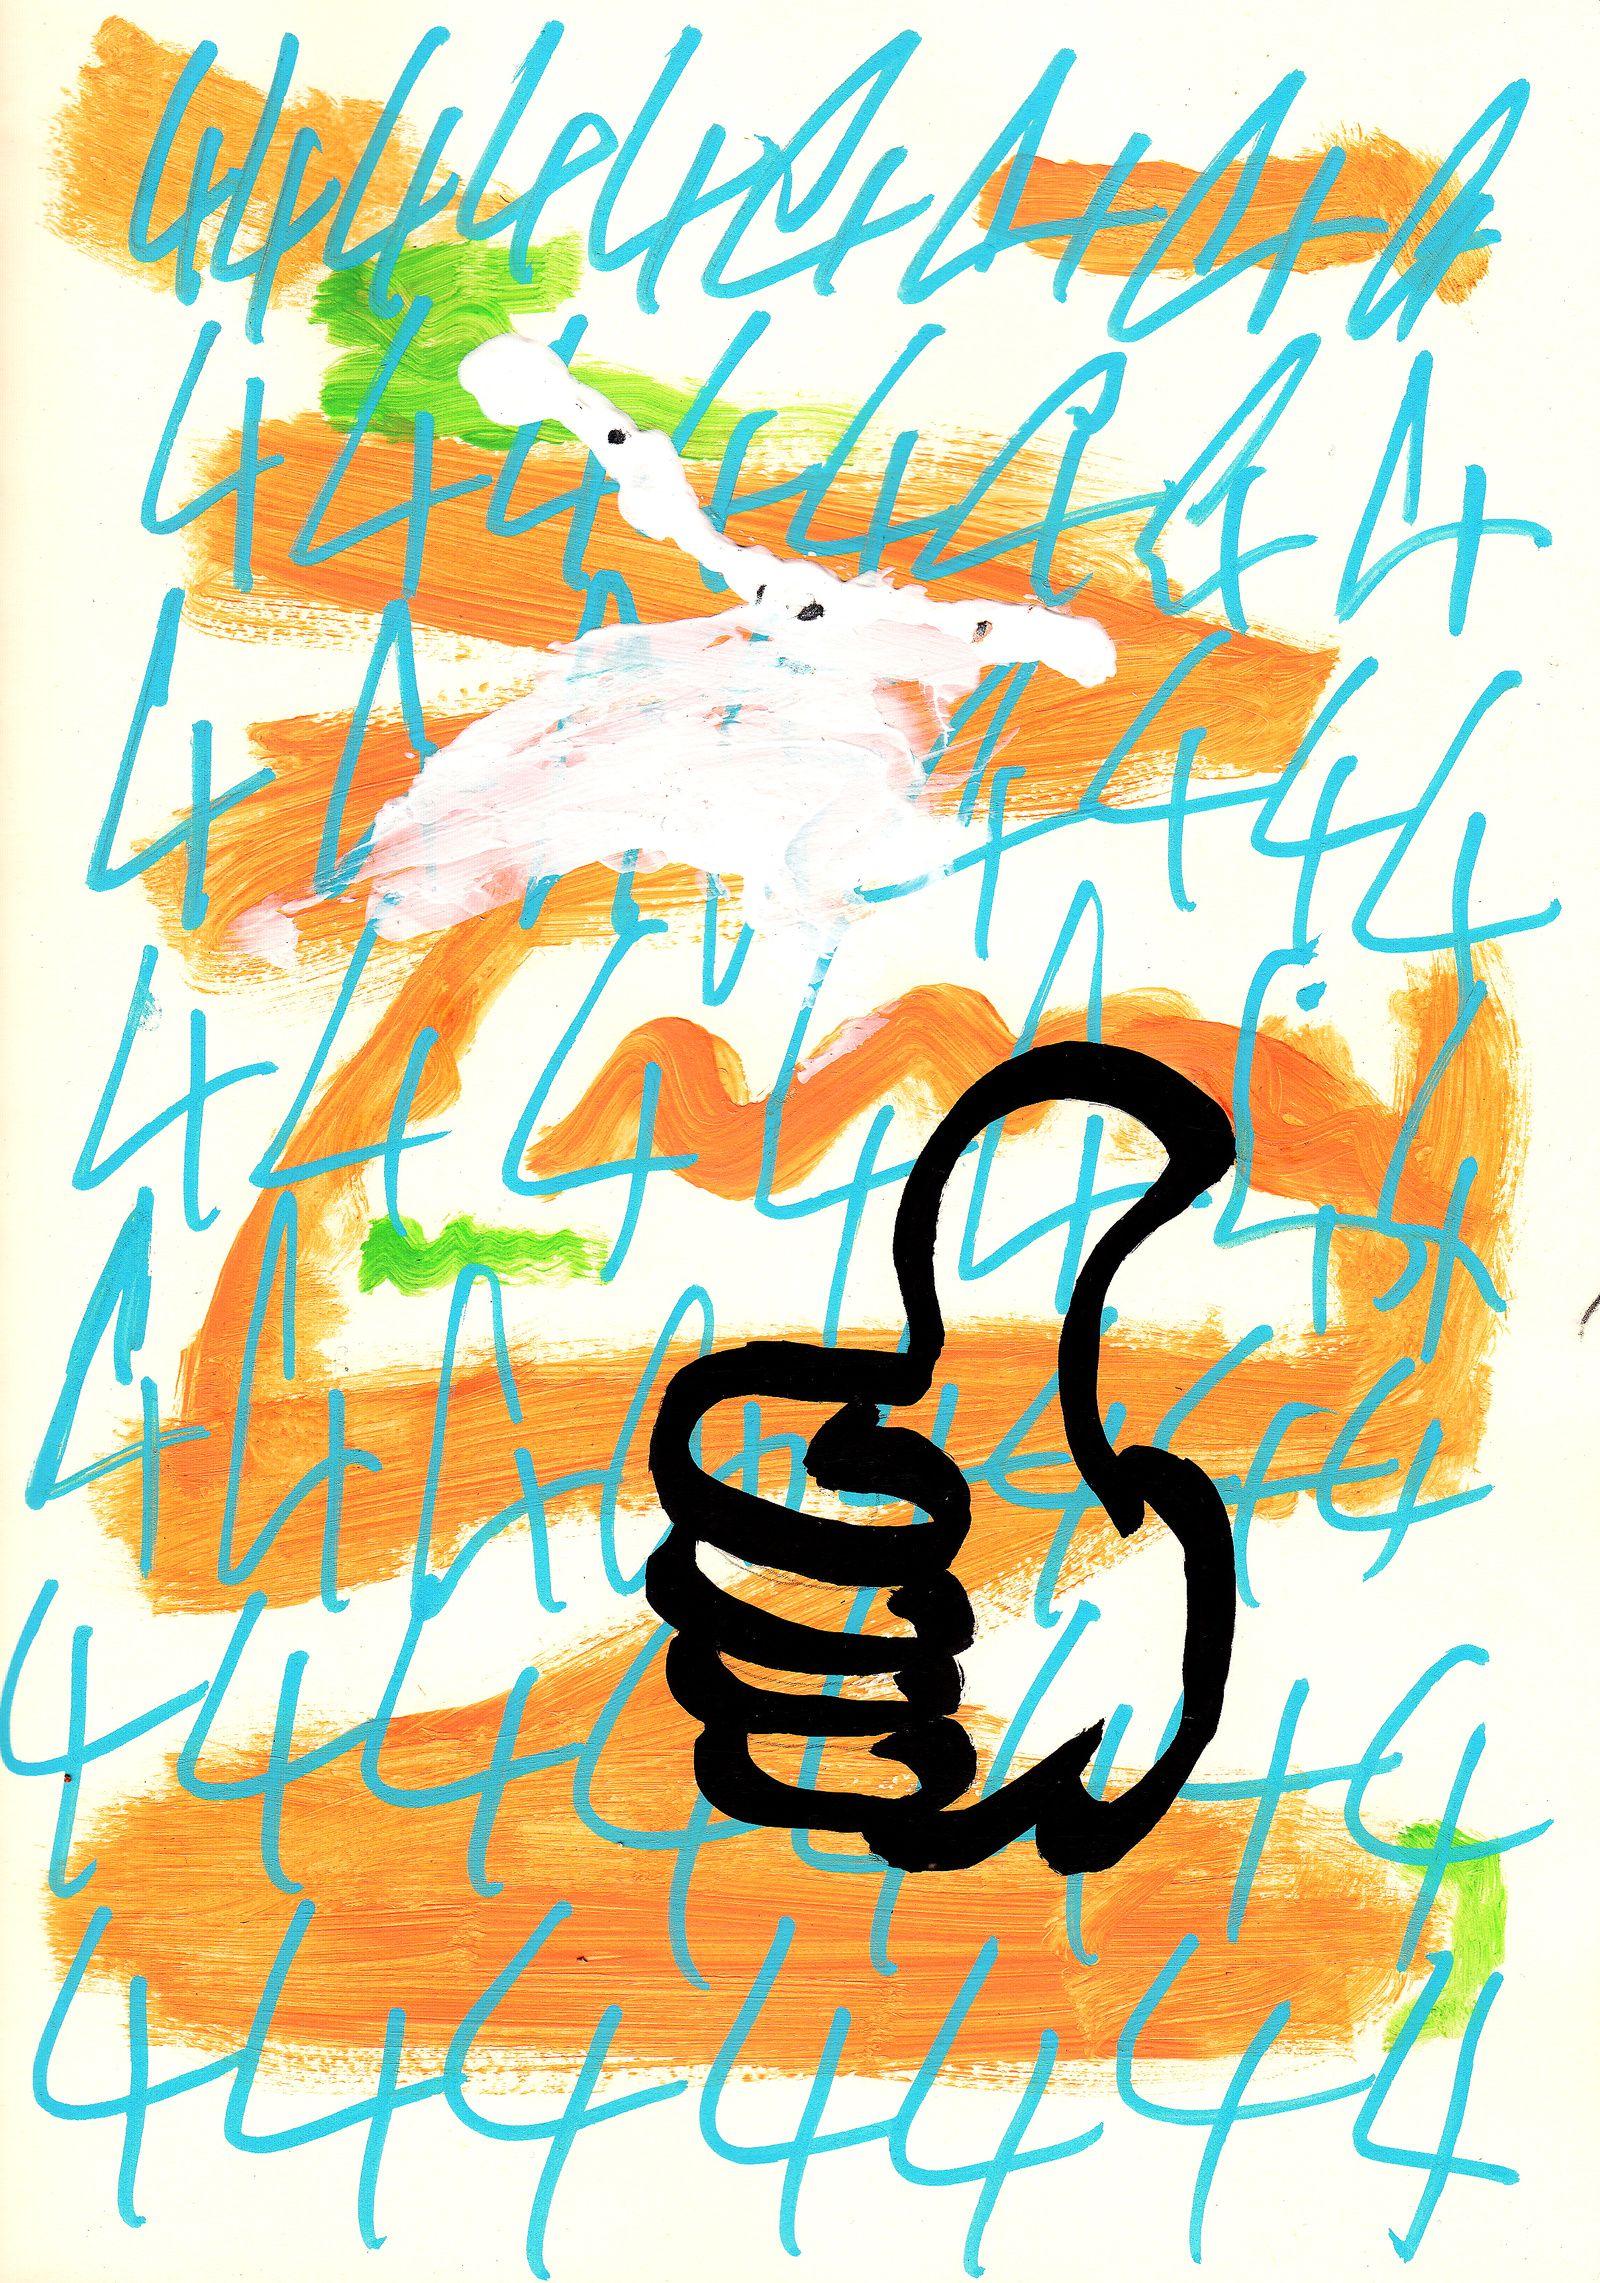 Hetty douglas v contemporary abstra ct art abstract